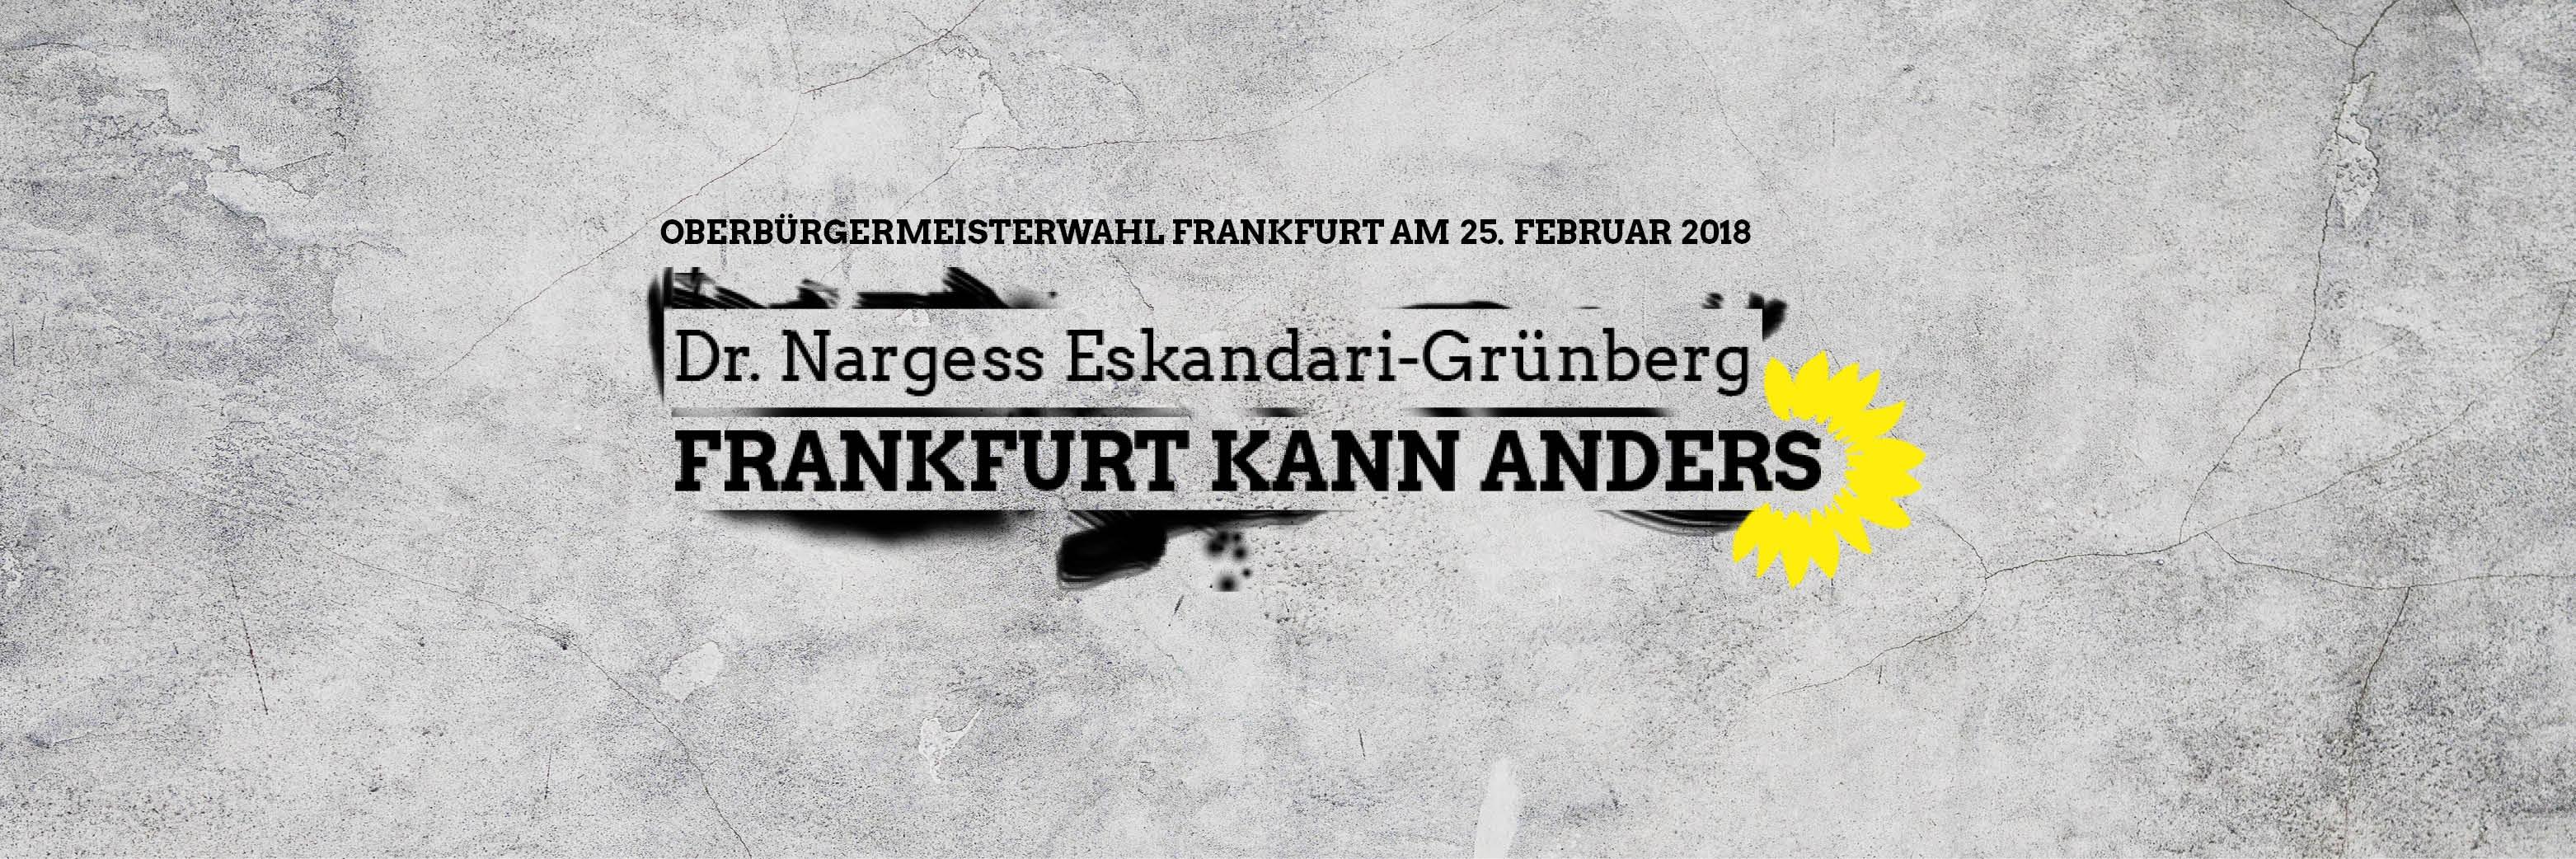 Warum ich Nargess Eskandari-Grünberg als Oberbürgermeister-Kandidatin unterstütze